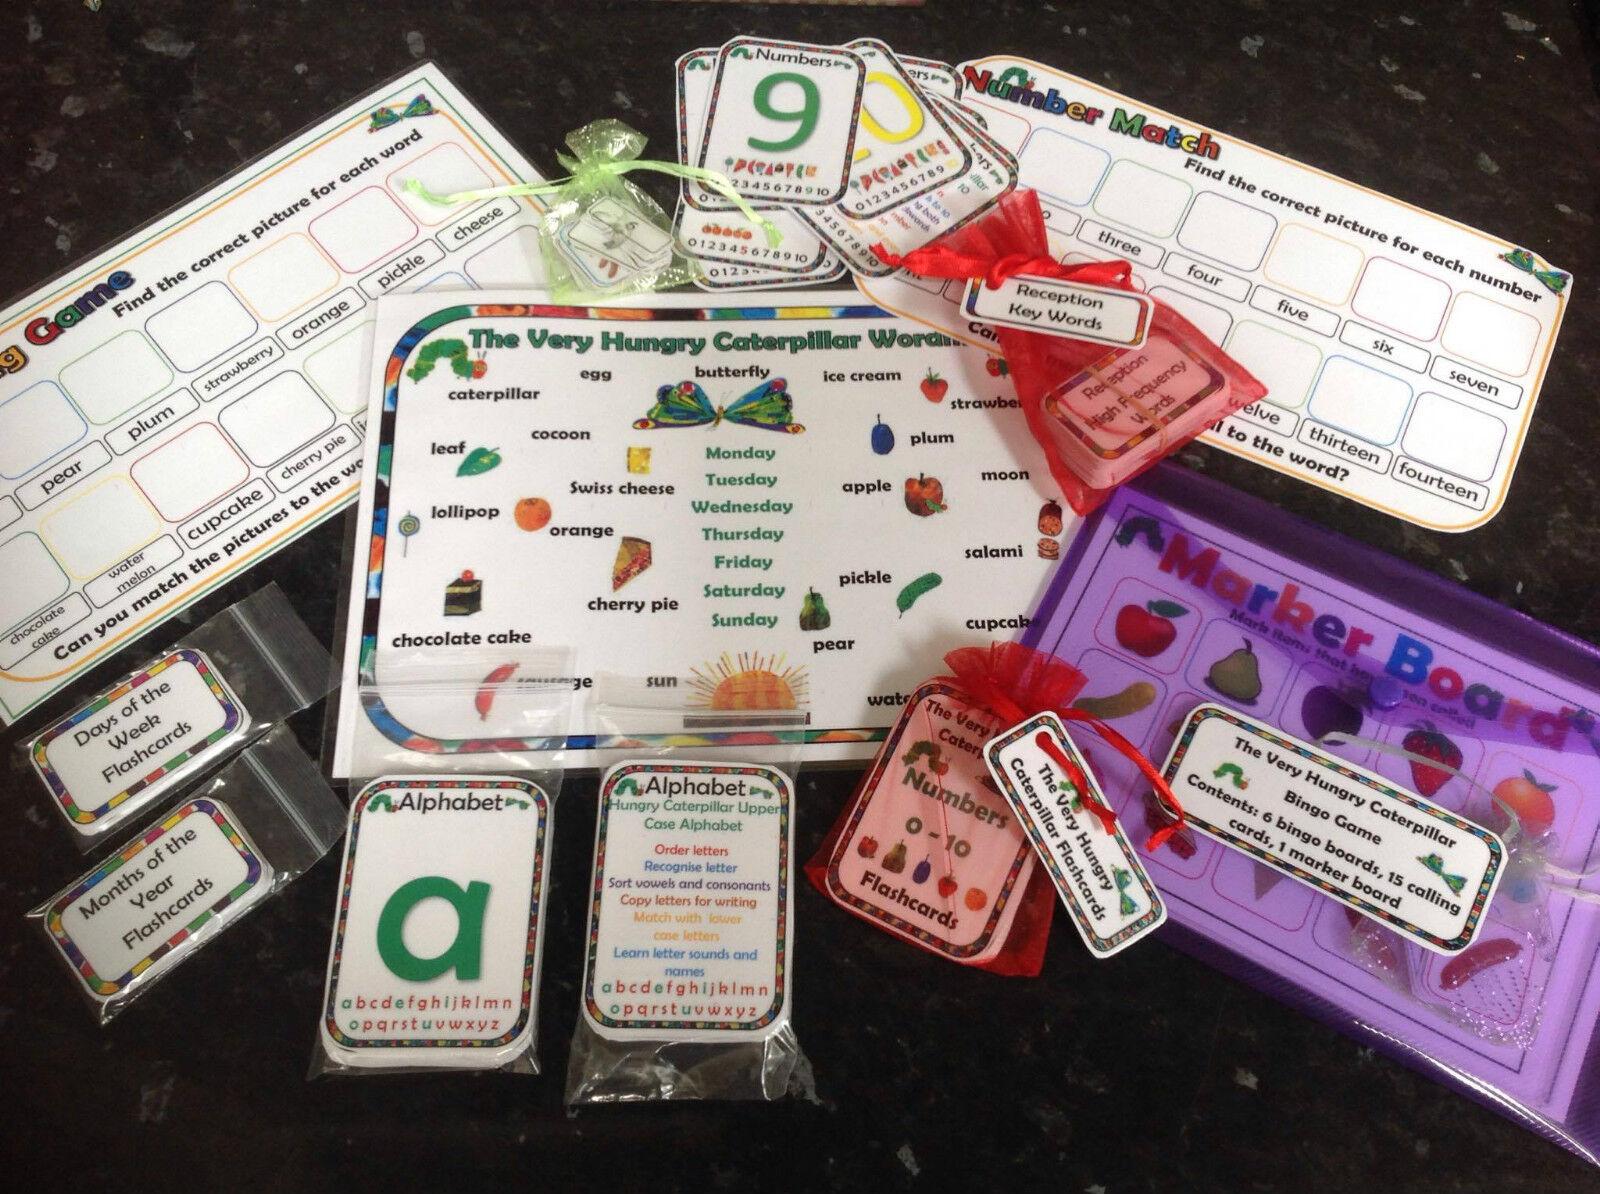 Caterpillar risorse-Bingo, Contare, Numeri, parole, corrispondenza eyfs